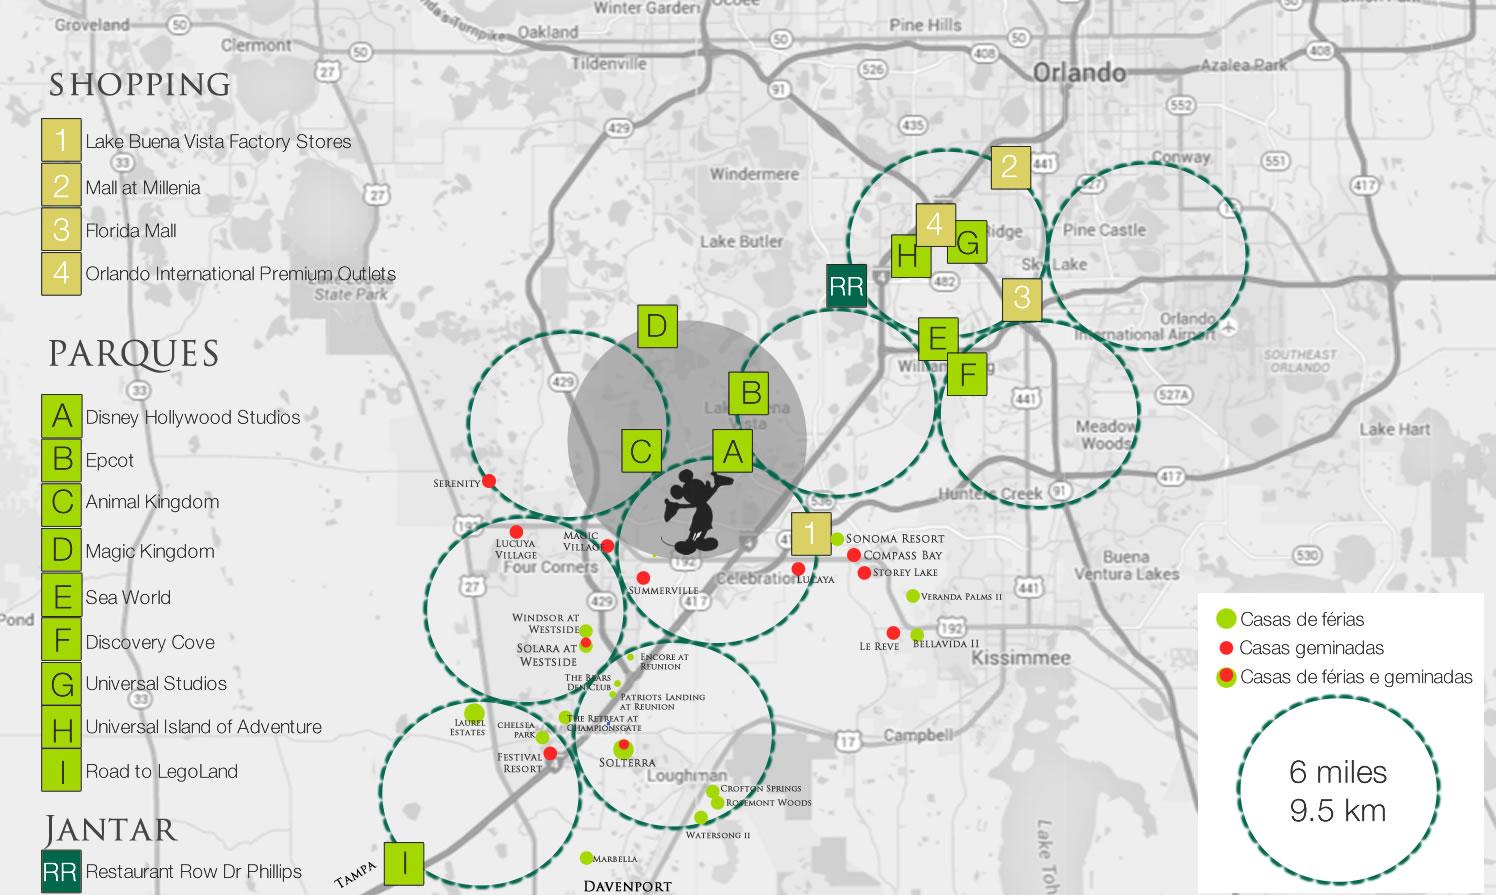 mapa casas de férias, shopping e parques em Orlando